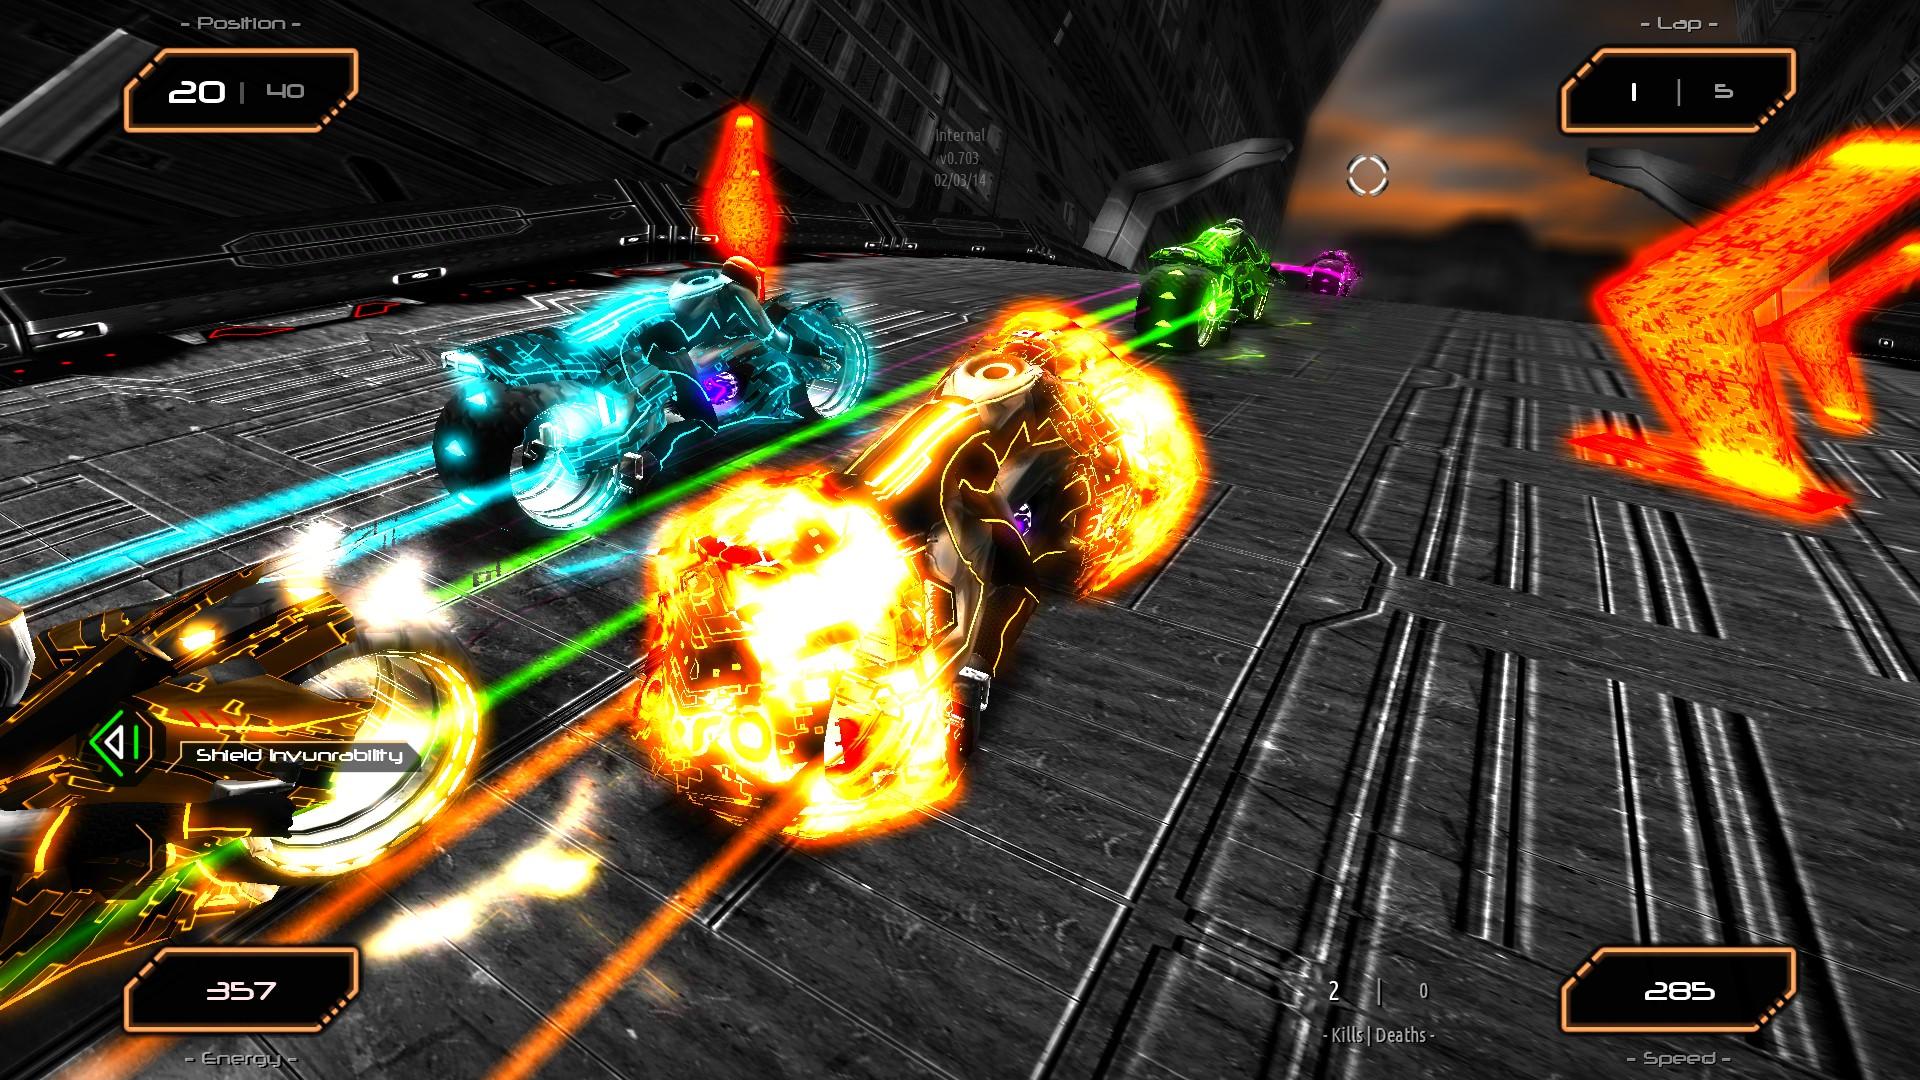 media indiedb com/images/games/1/25/24673/SS_44 jp